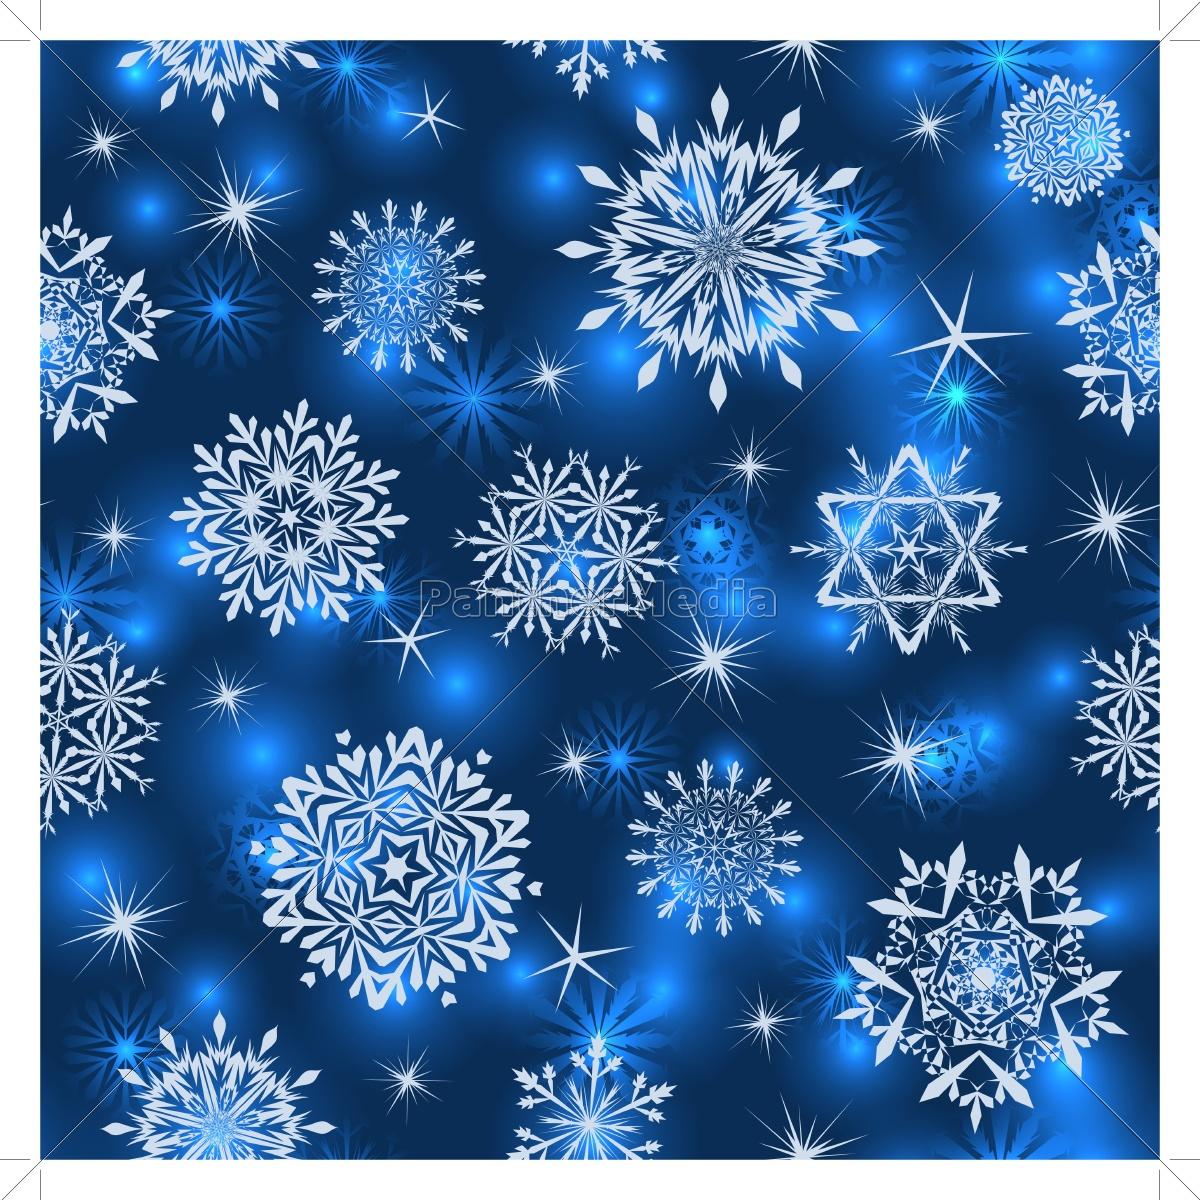 Fototapete Nahtlose Schneeflocken Muster 11